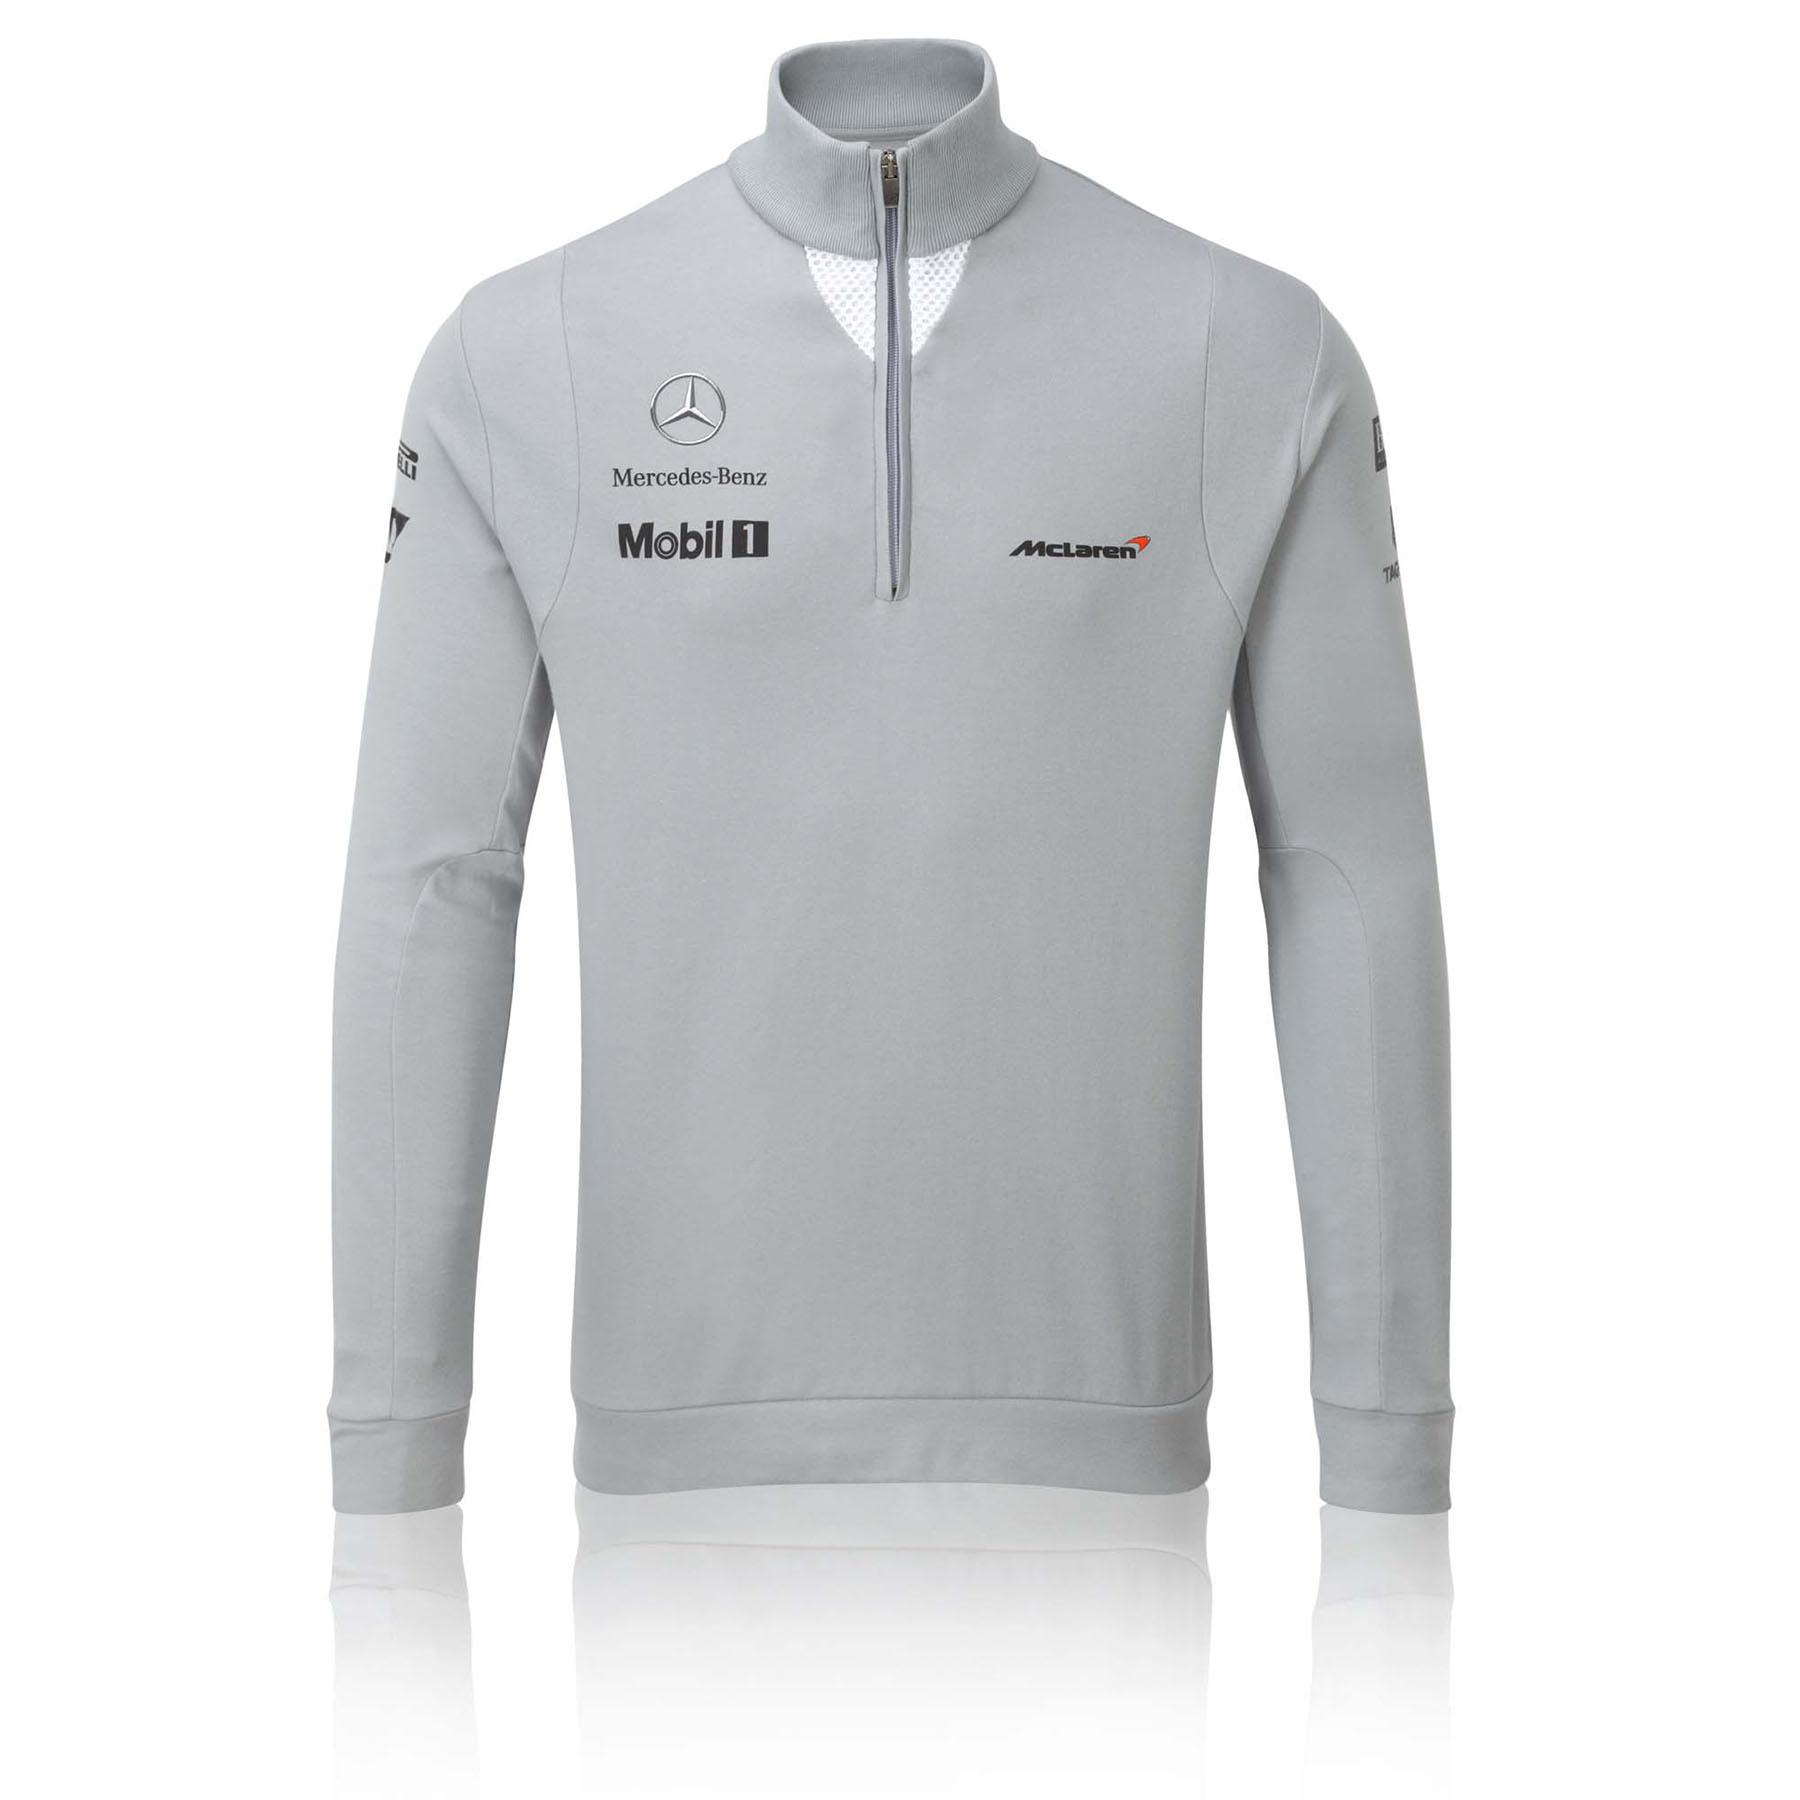 Team McLaren 2014 Team Sweatshirt